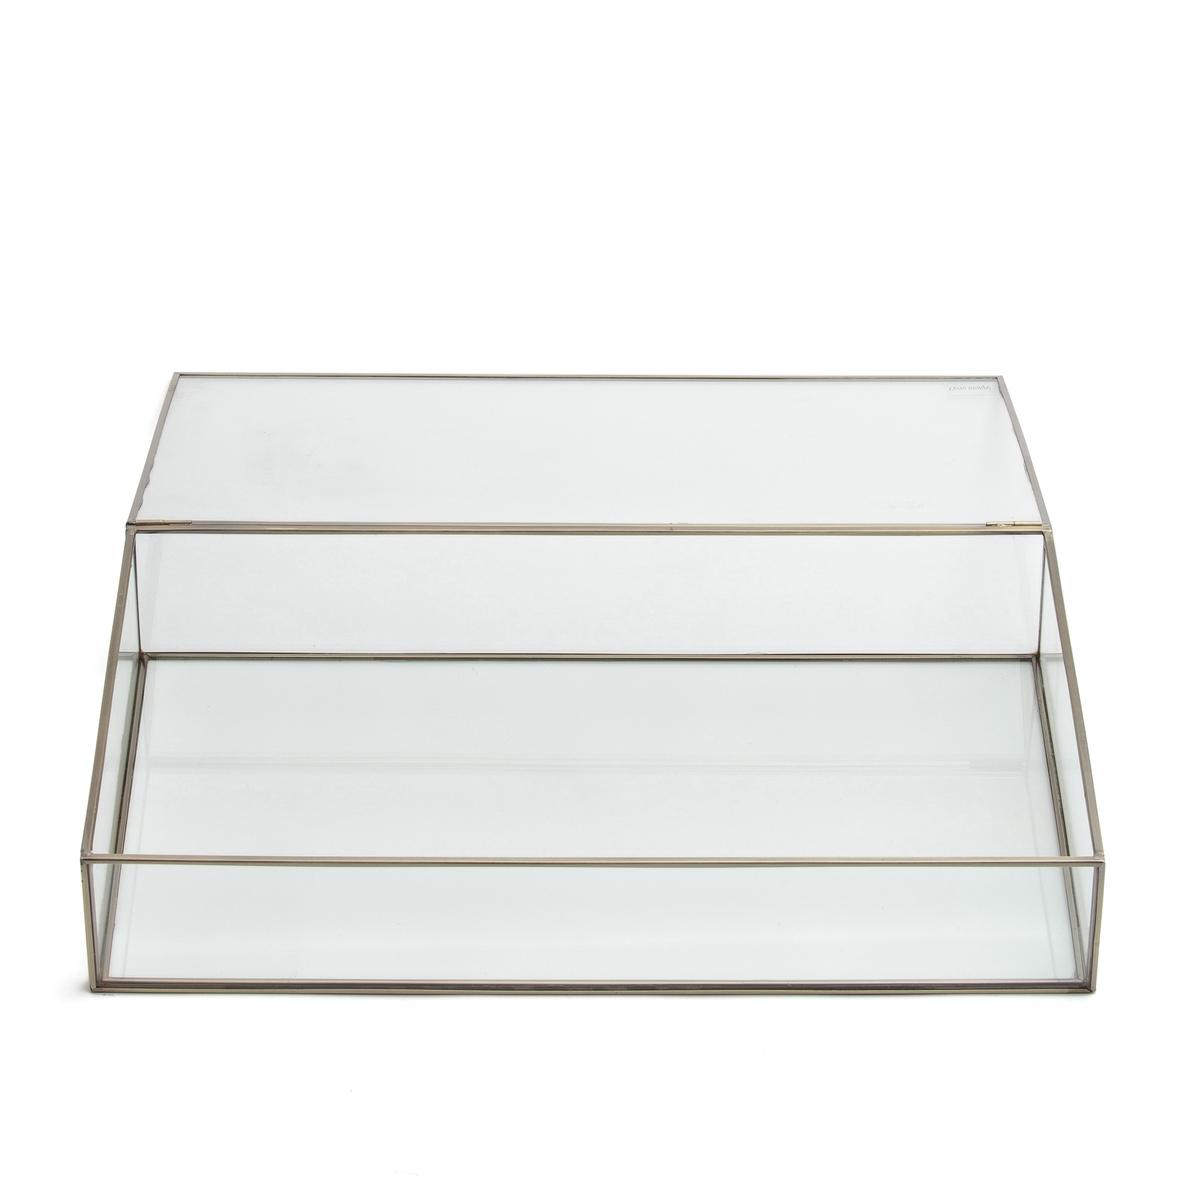 Коробка-витрина Ш.50xВ.9xГ.29 см, Digori